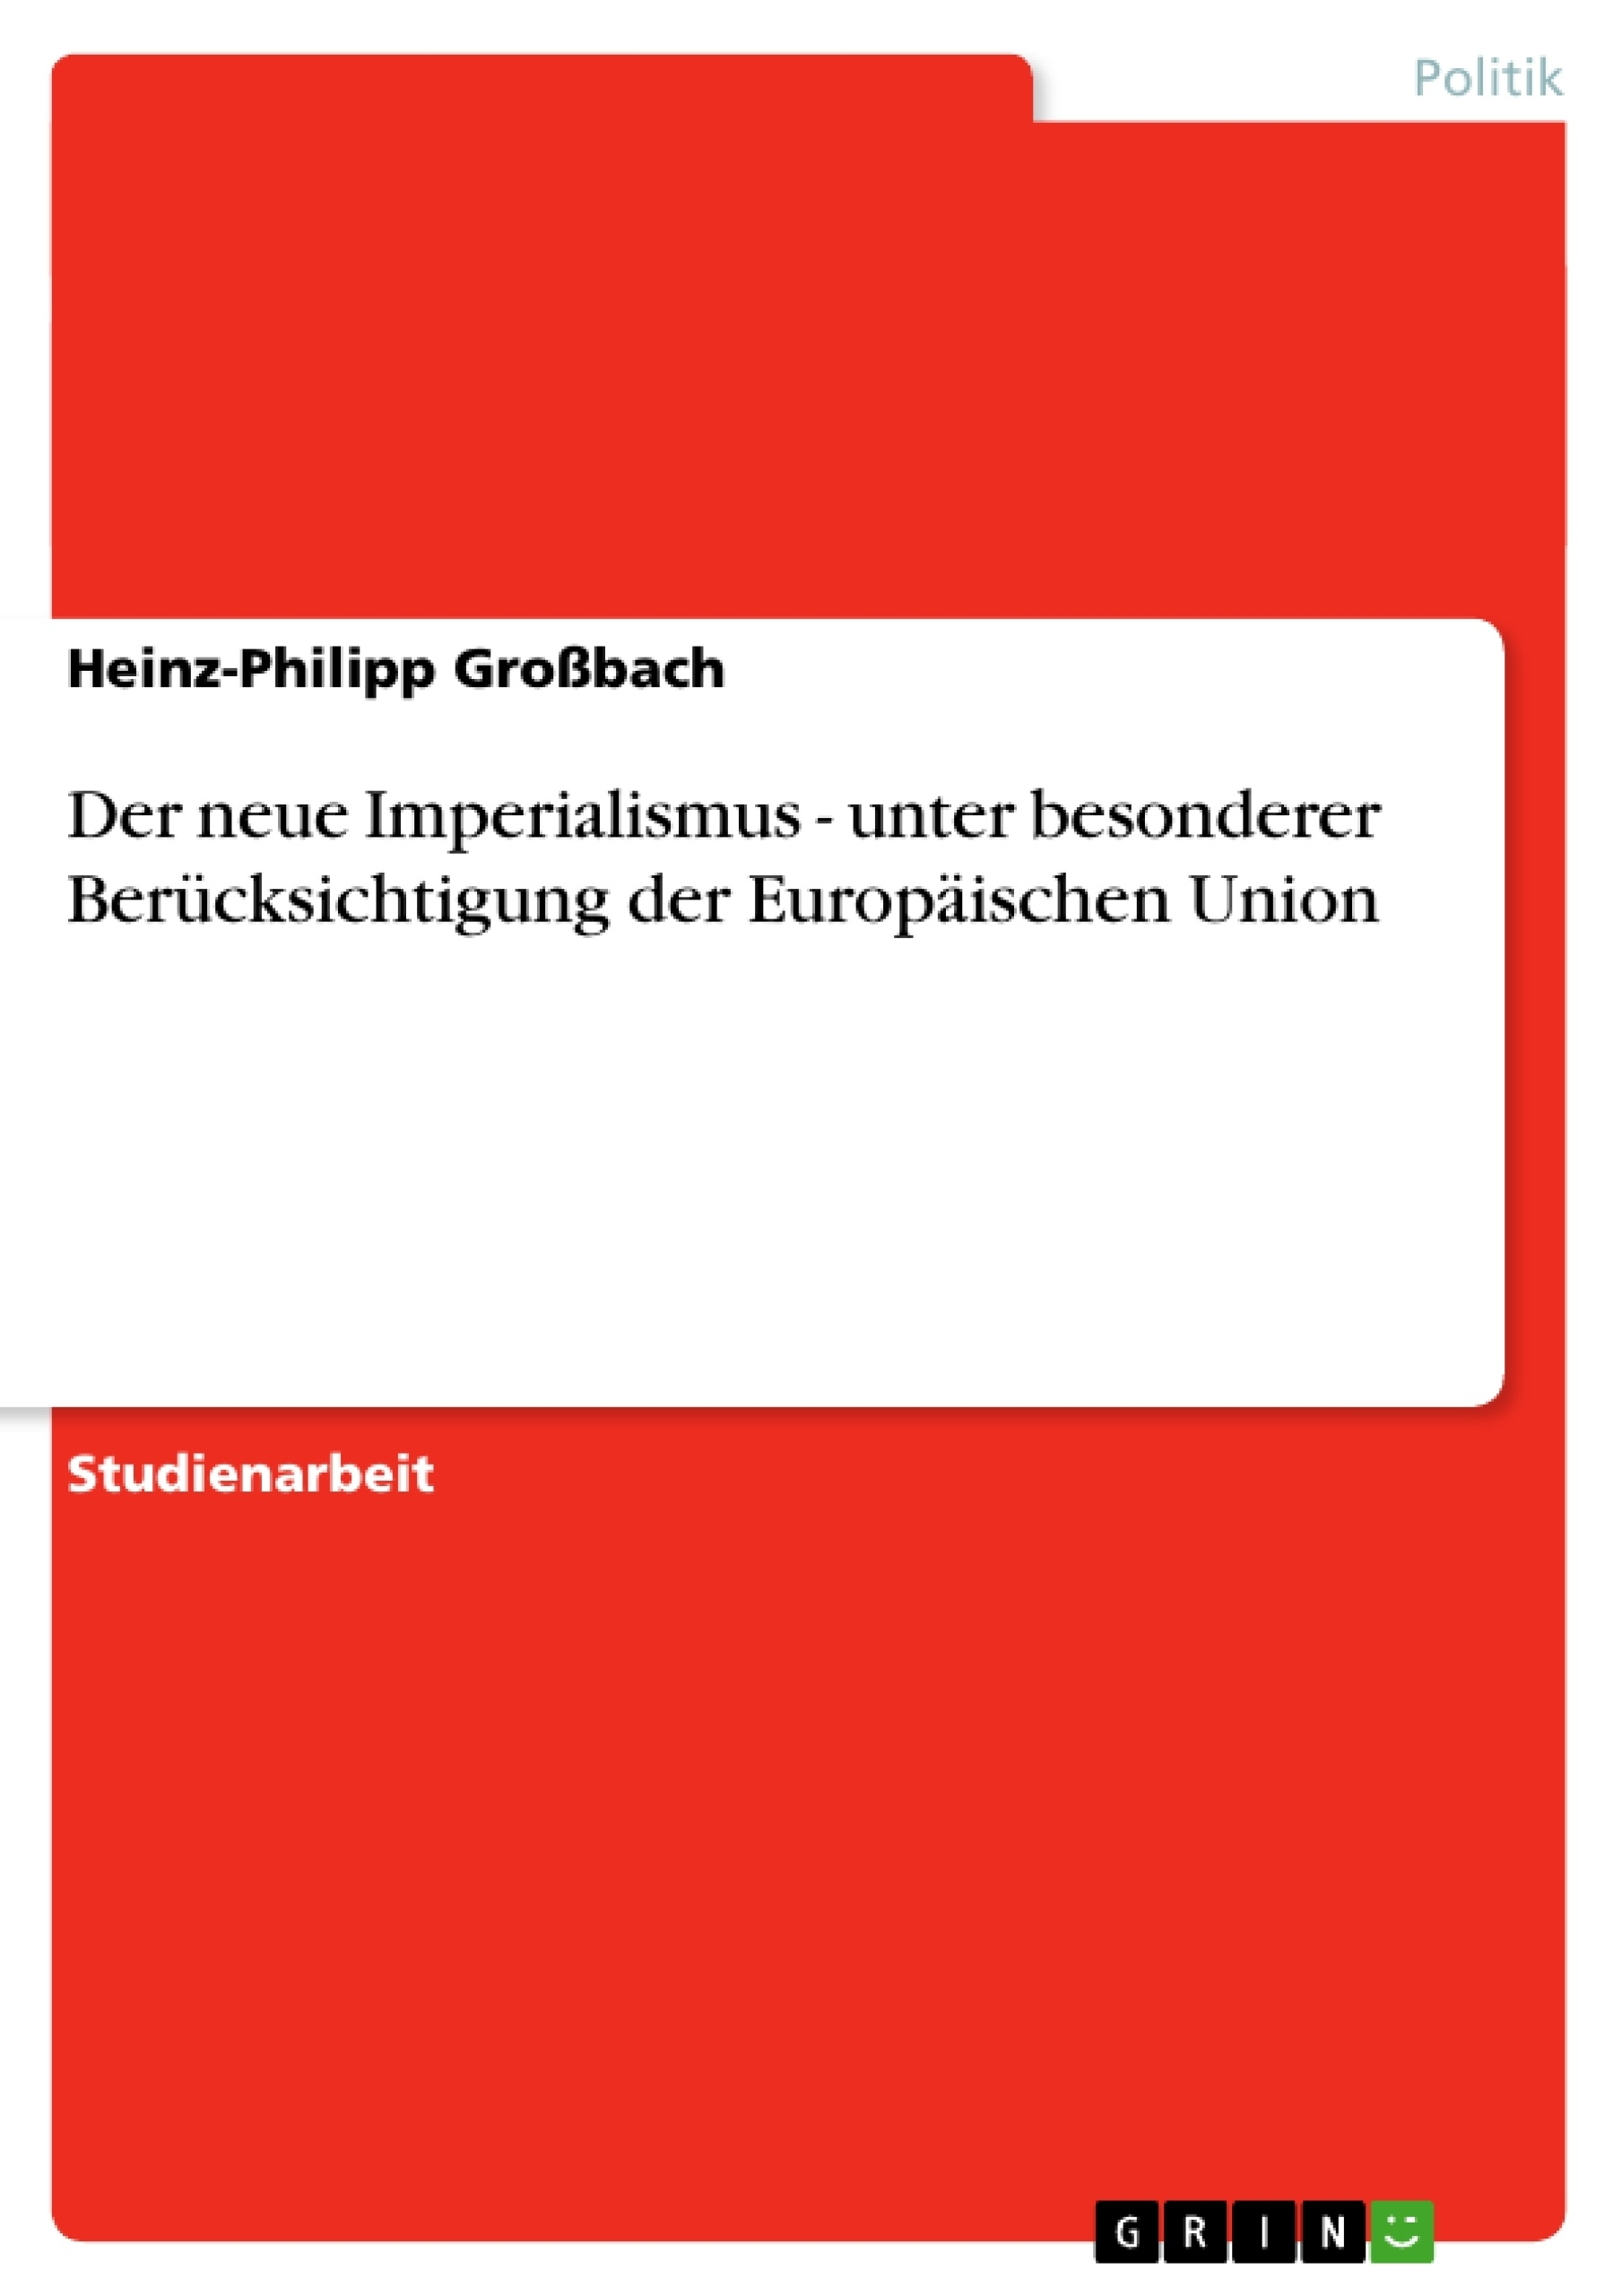 Titel: Der neue Imperialismus - unter besonderer Berücksichtigung der Europäischen Union